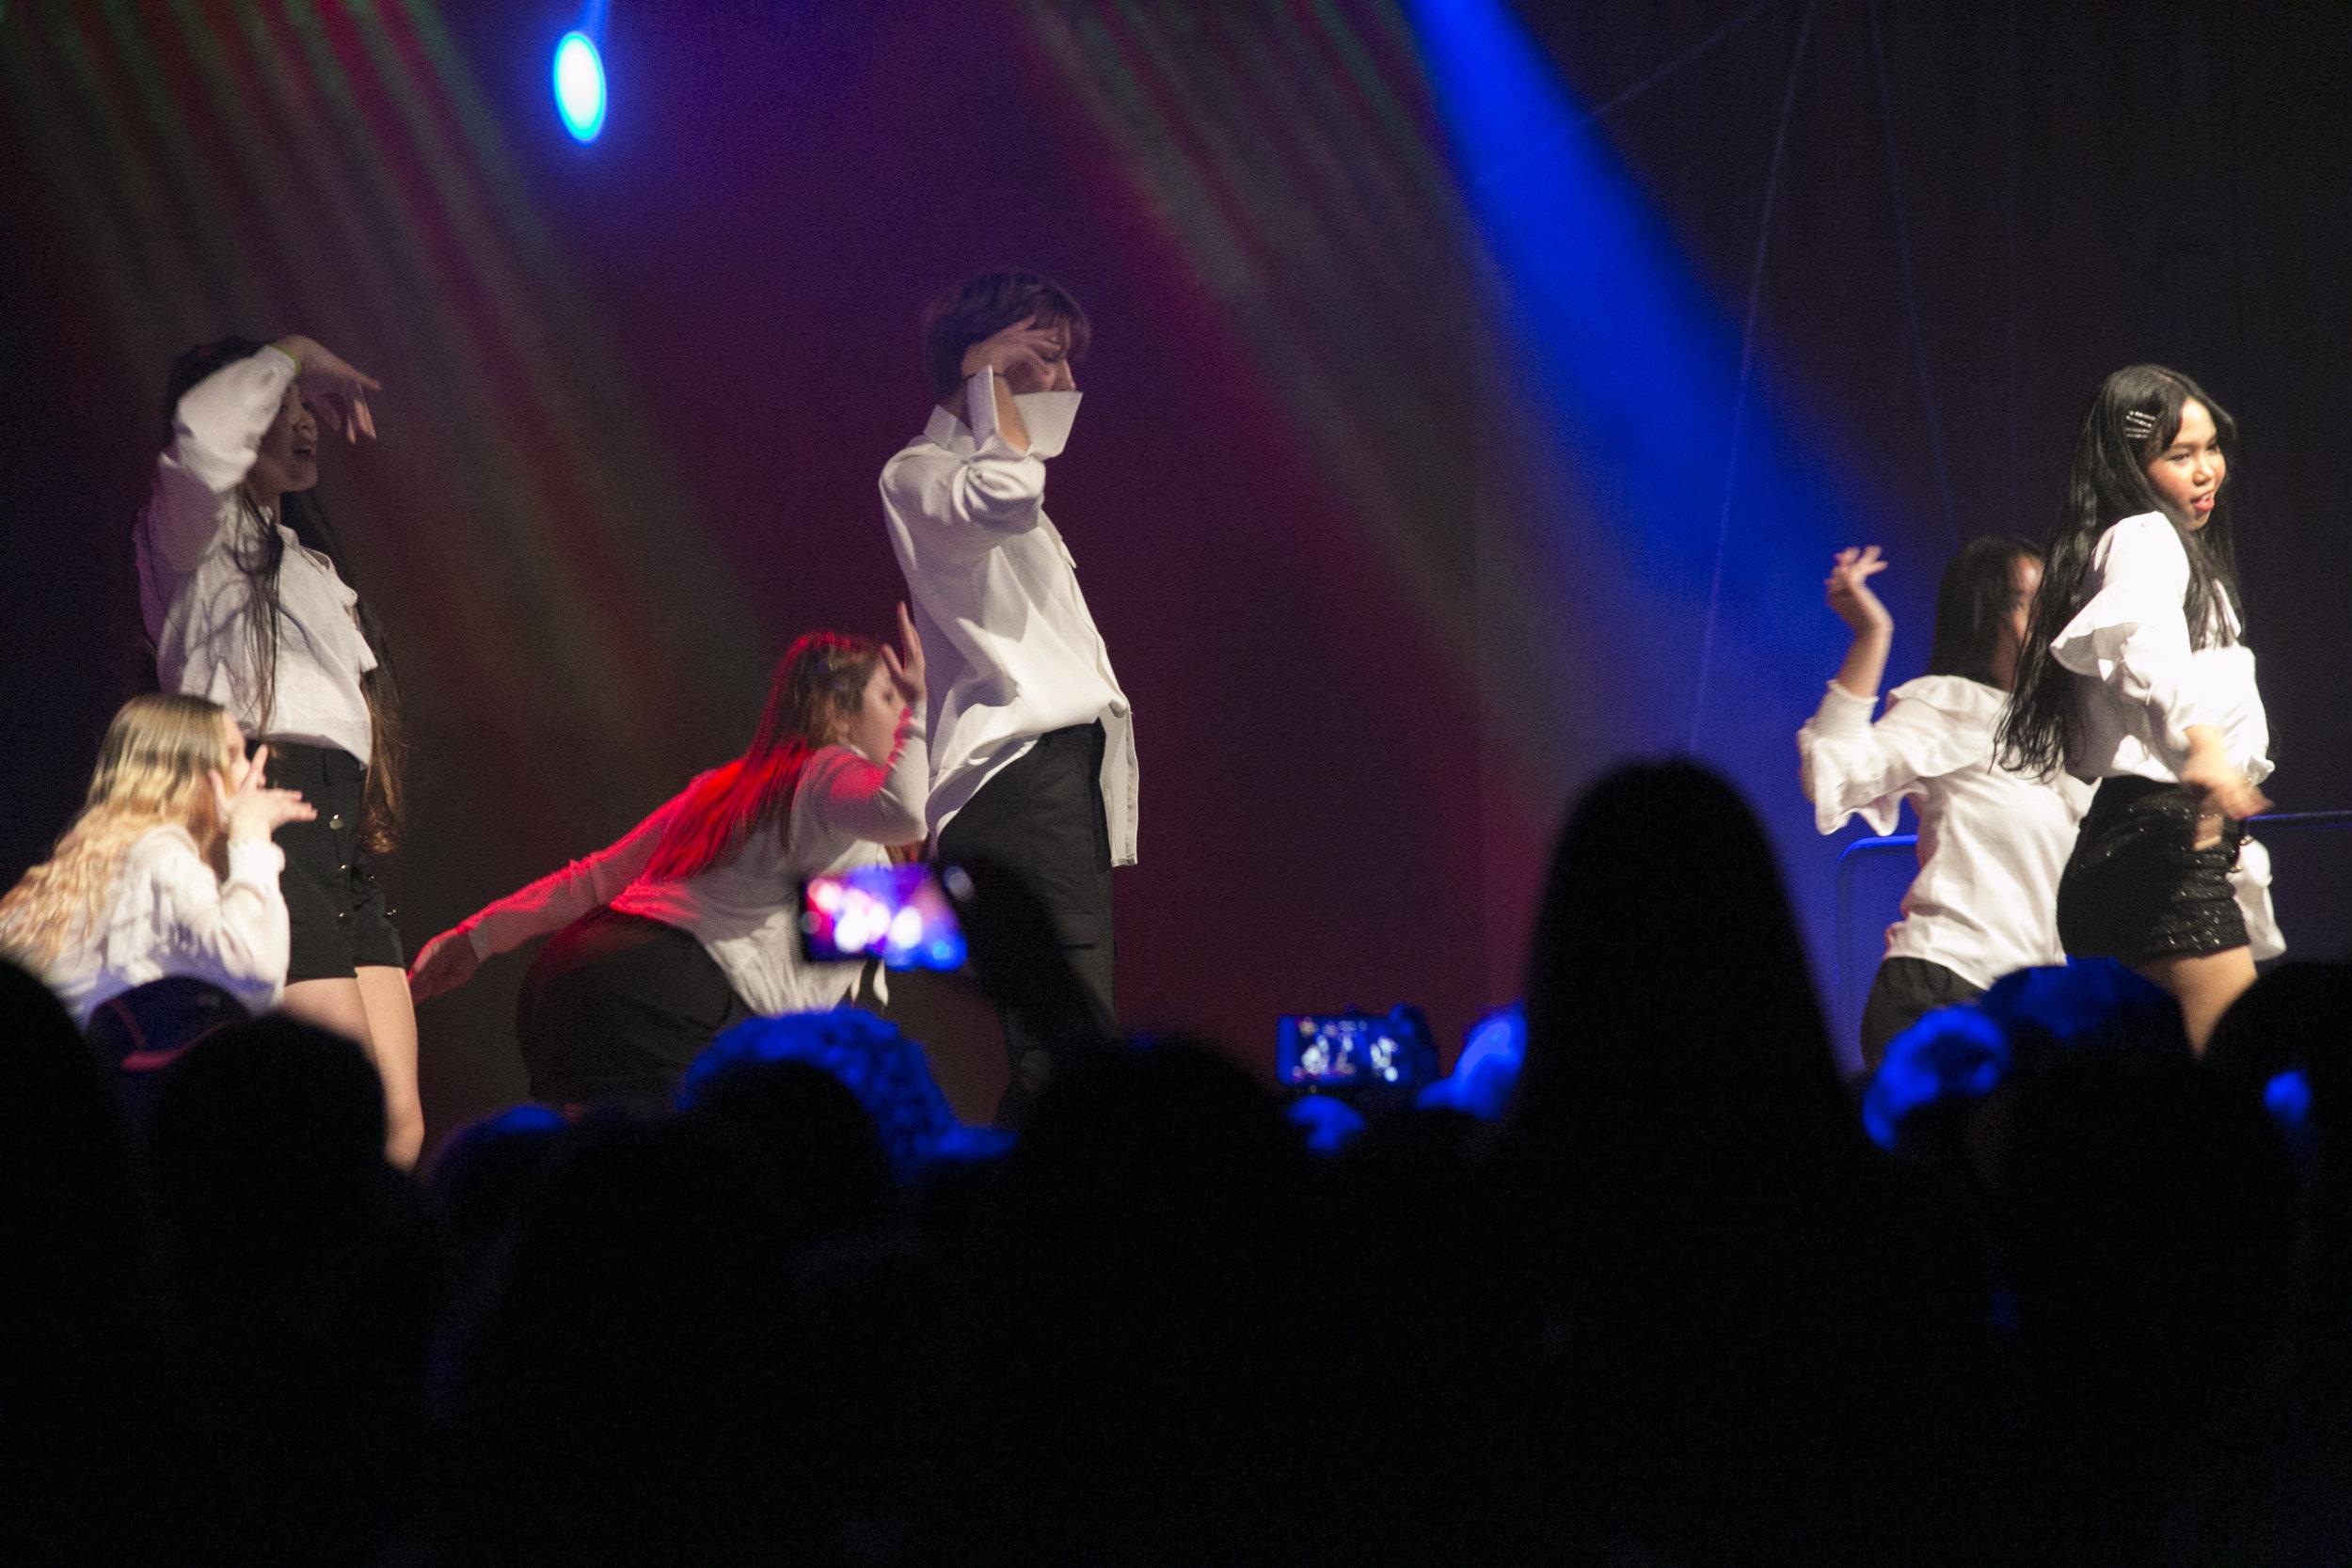 Kpop Göteborg — Omaya Kpop Con 2019